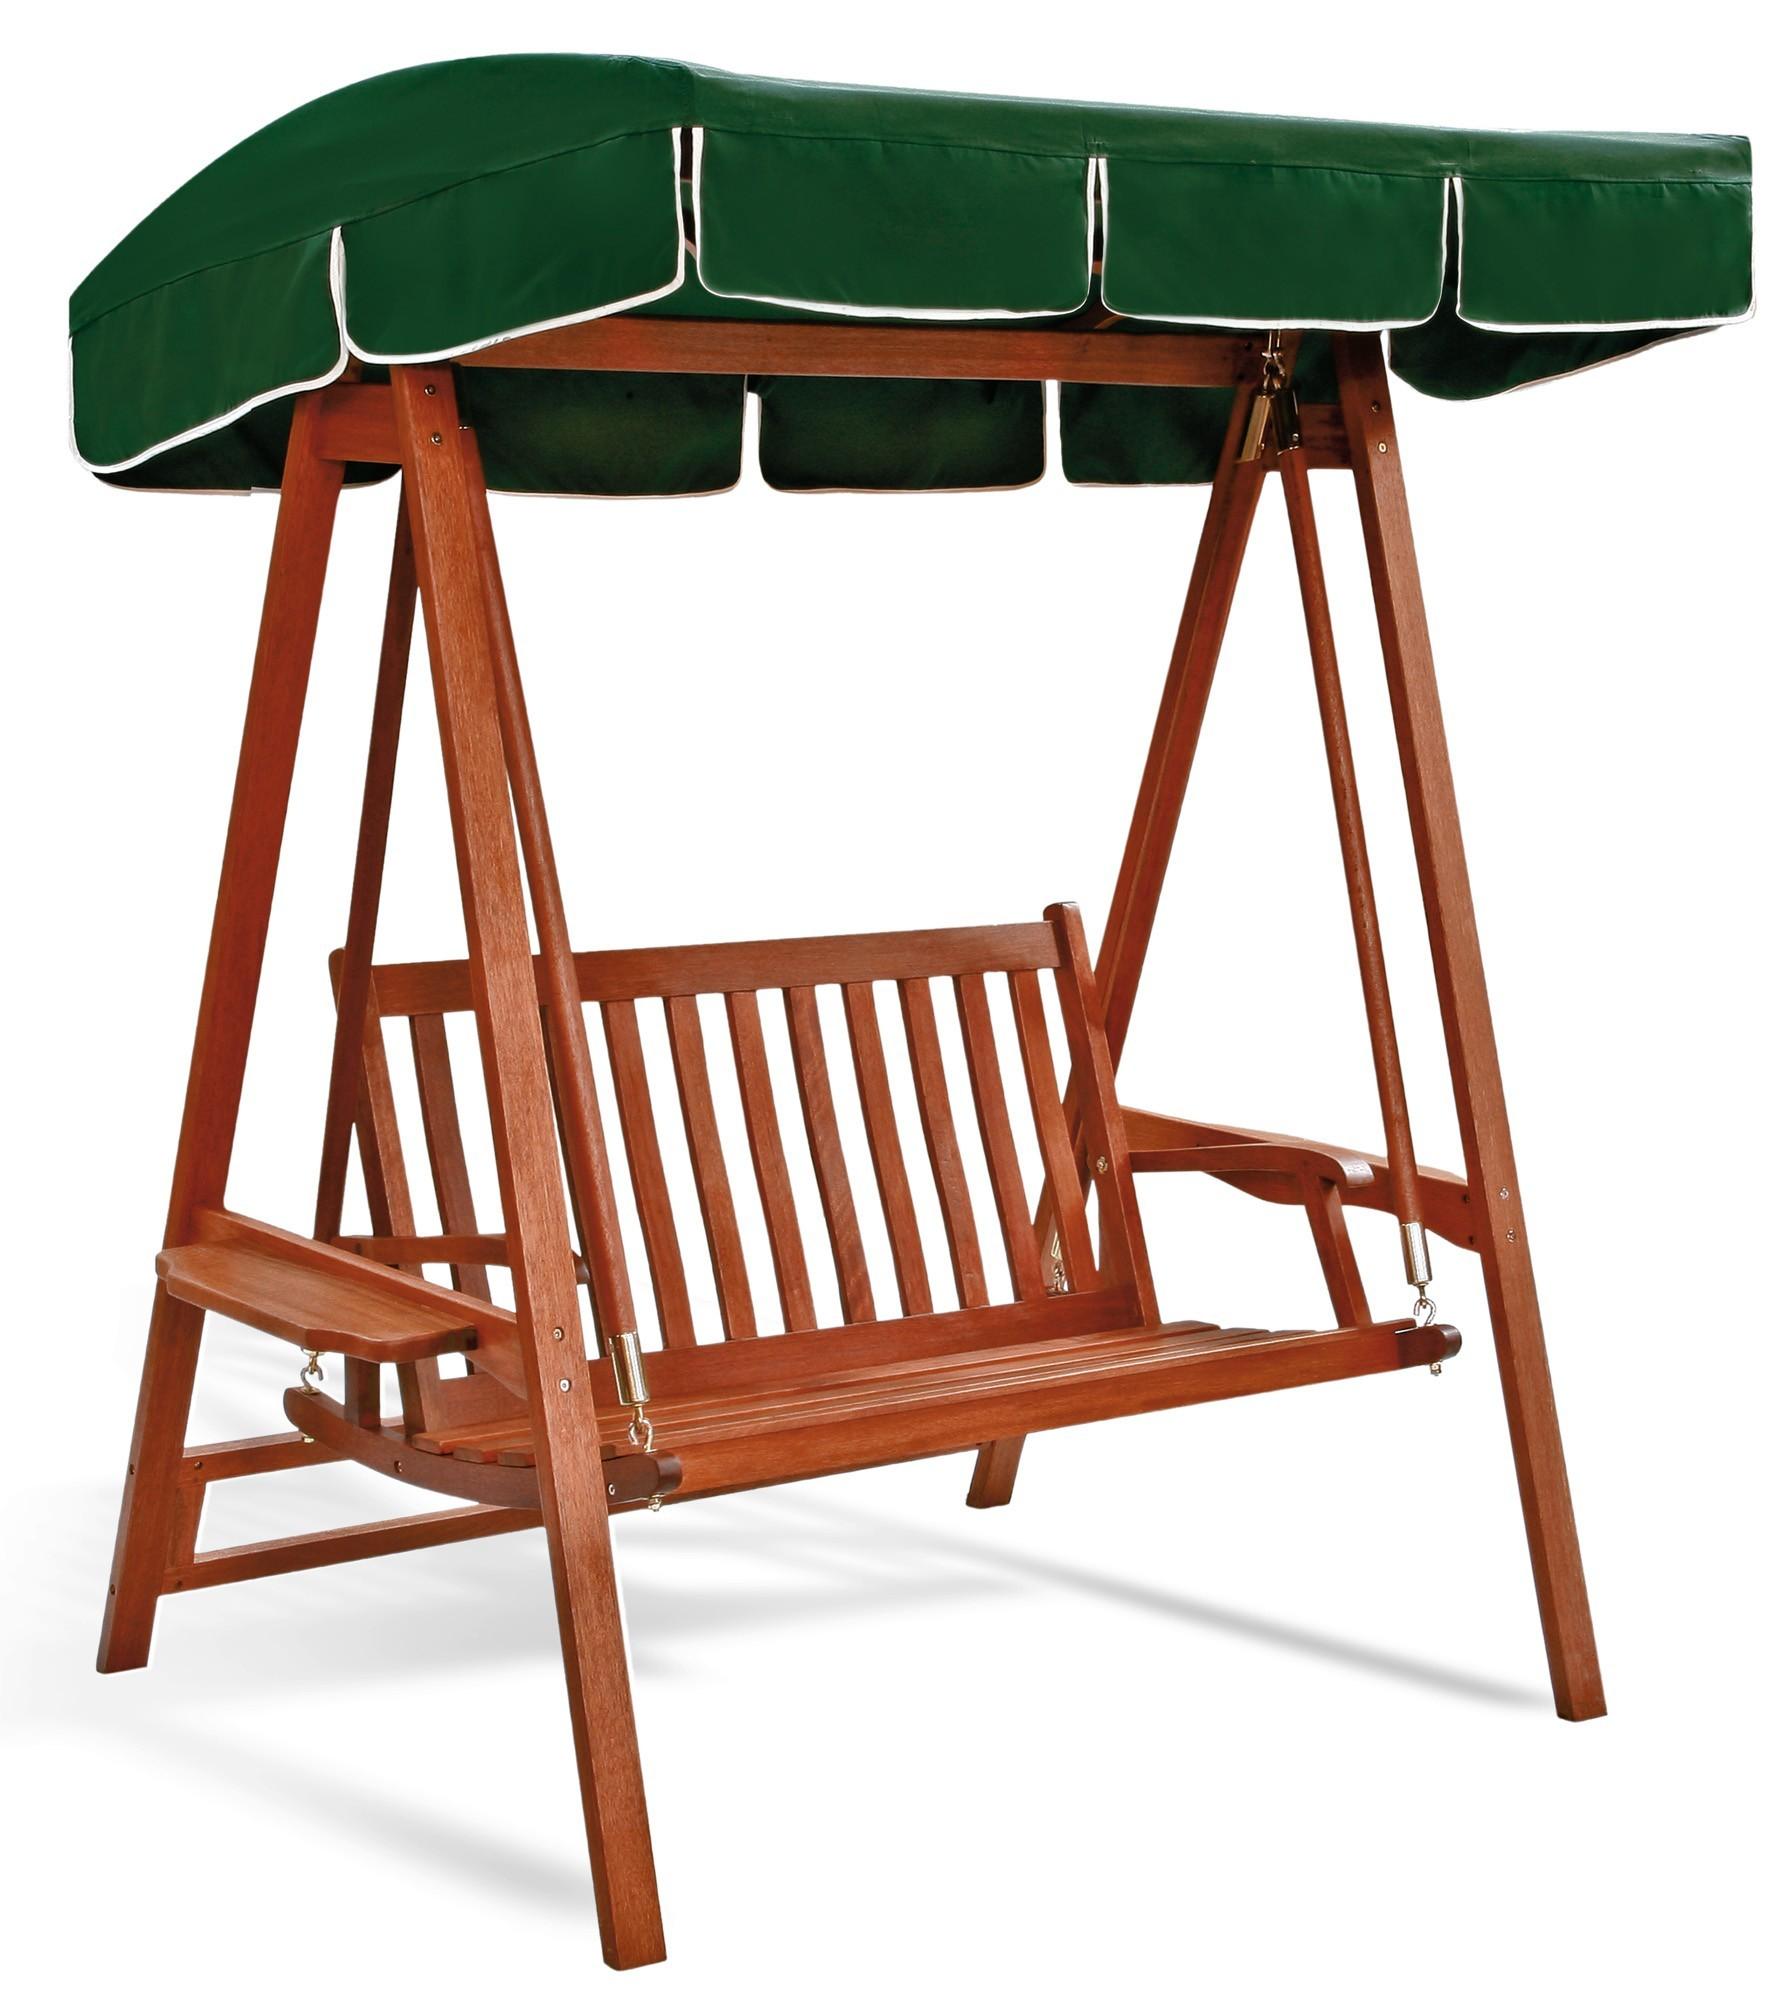 Sedie A Dondolo Per Terrazzo bella dondolo 2 posti in legno per giardini e terrazzi